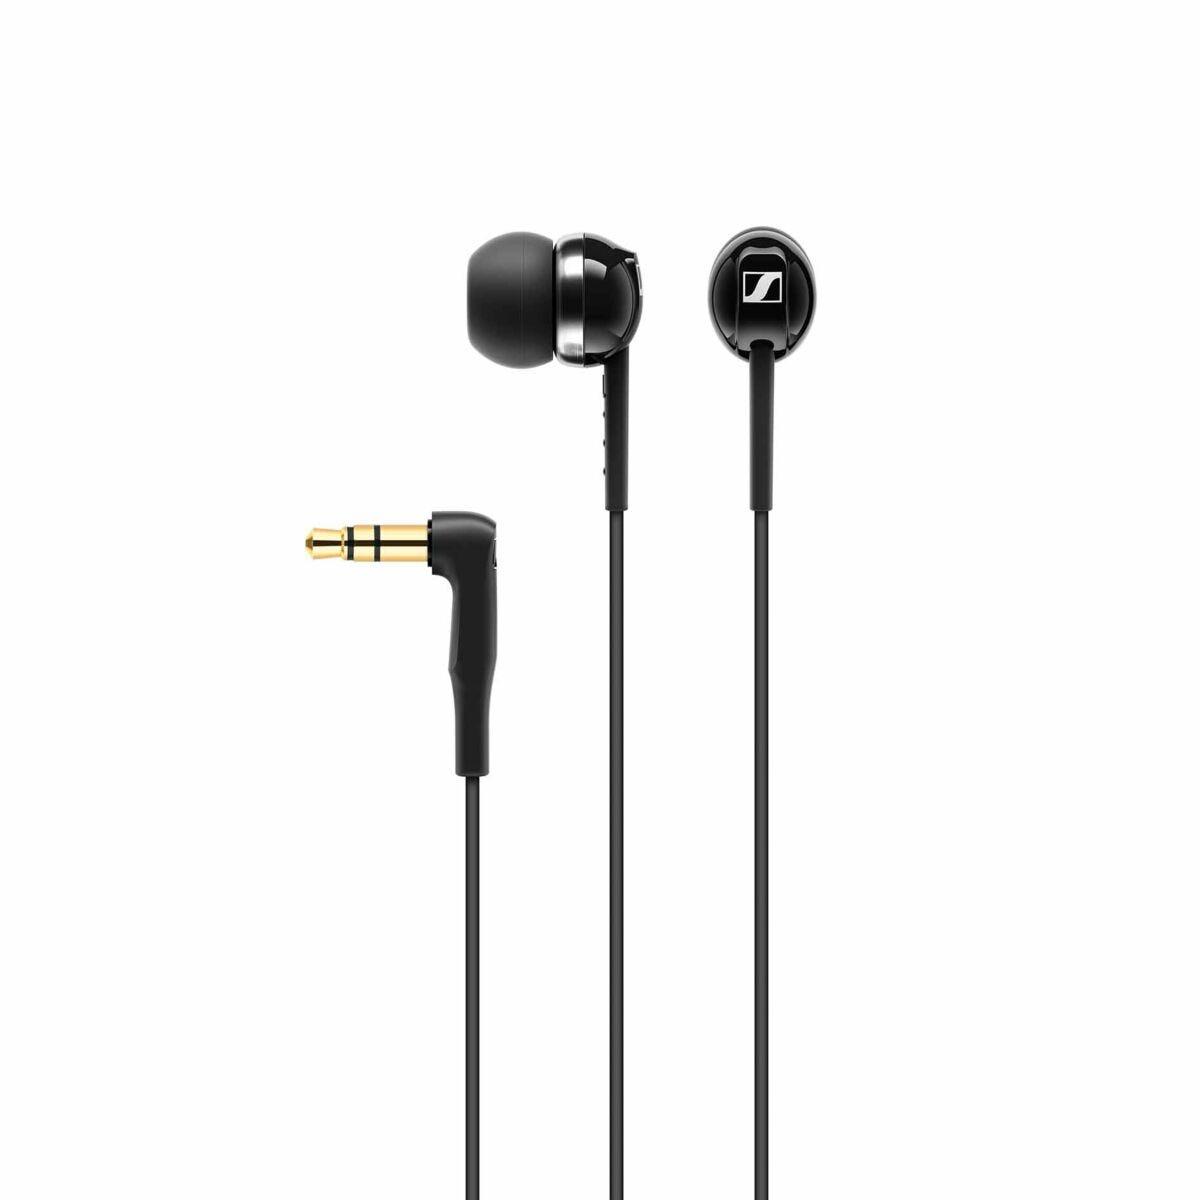 Sennheiser CX100 Wired In-Ear Headphones